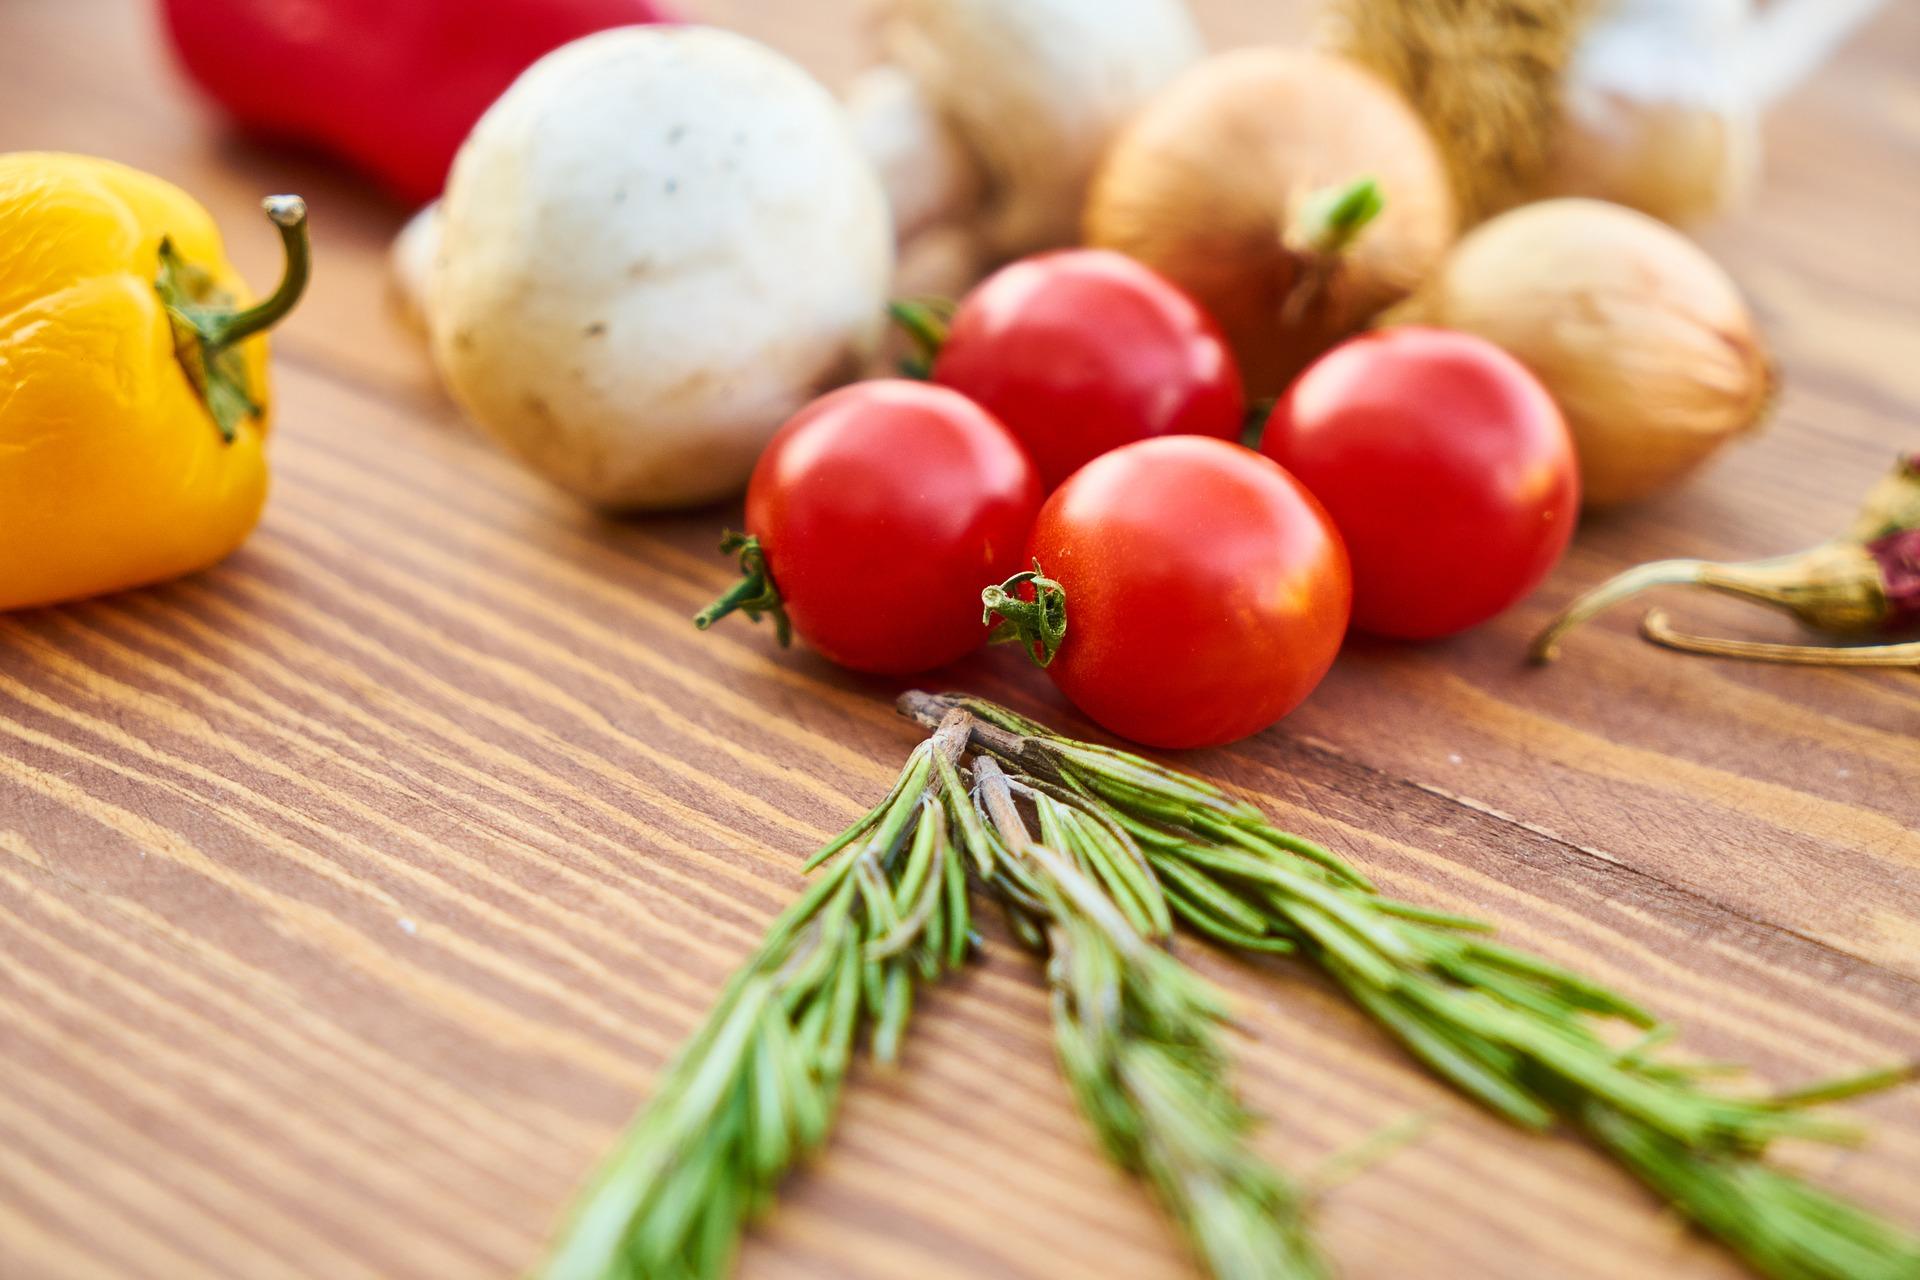 curatare colon - sfatulparintilor.ro - pixabay_com - tomato-2802226_1920